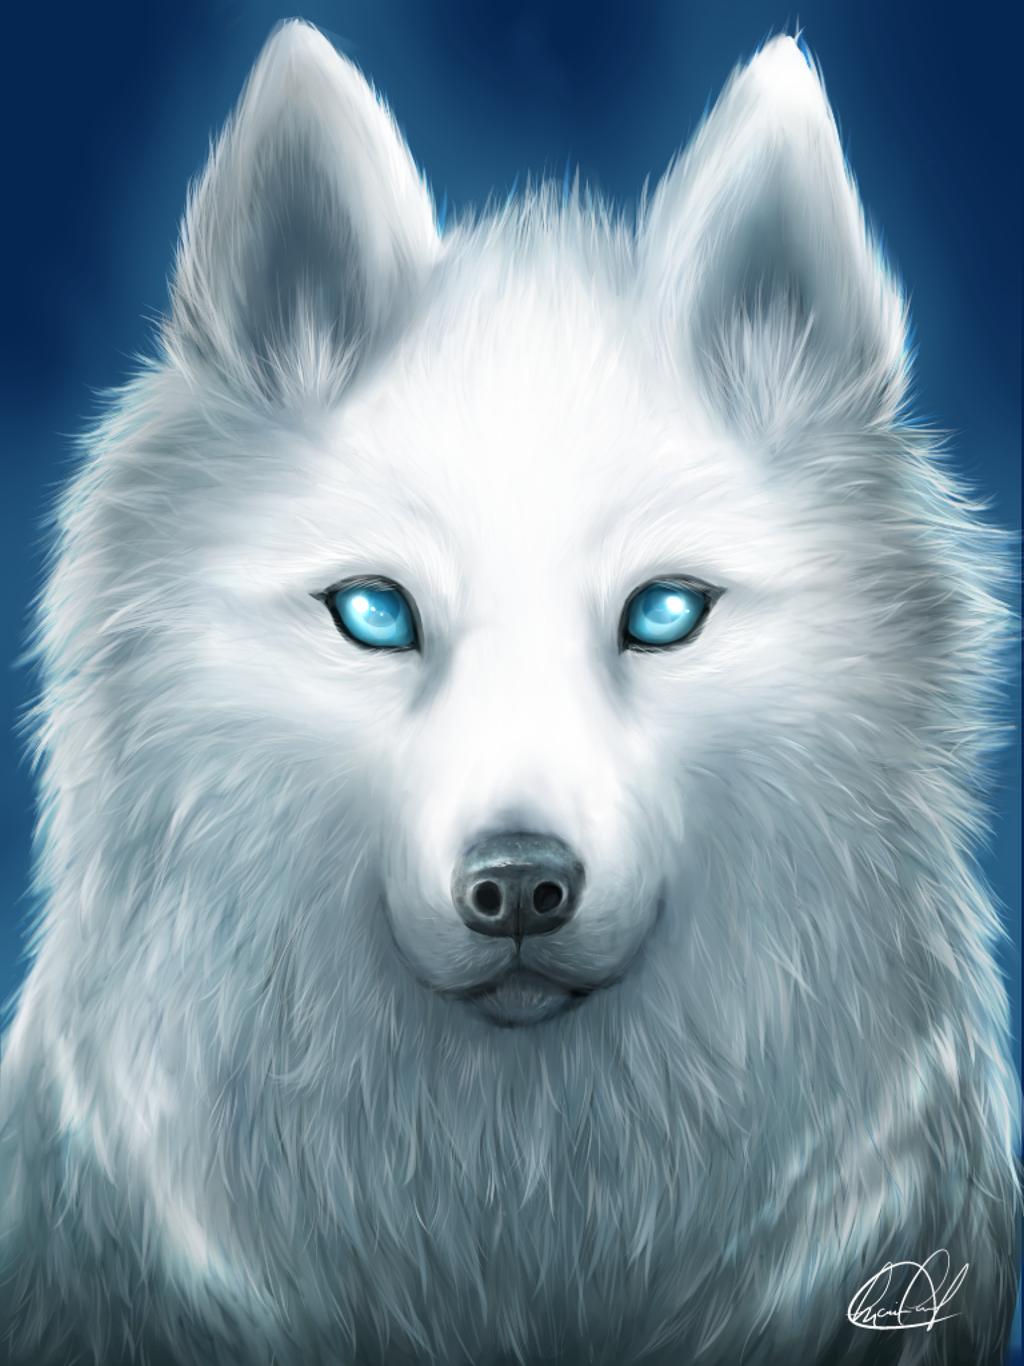 White Spirit Wolf By Kyo-chan12 On DeviantArt